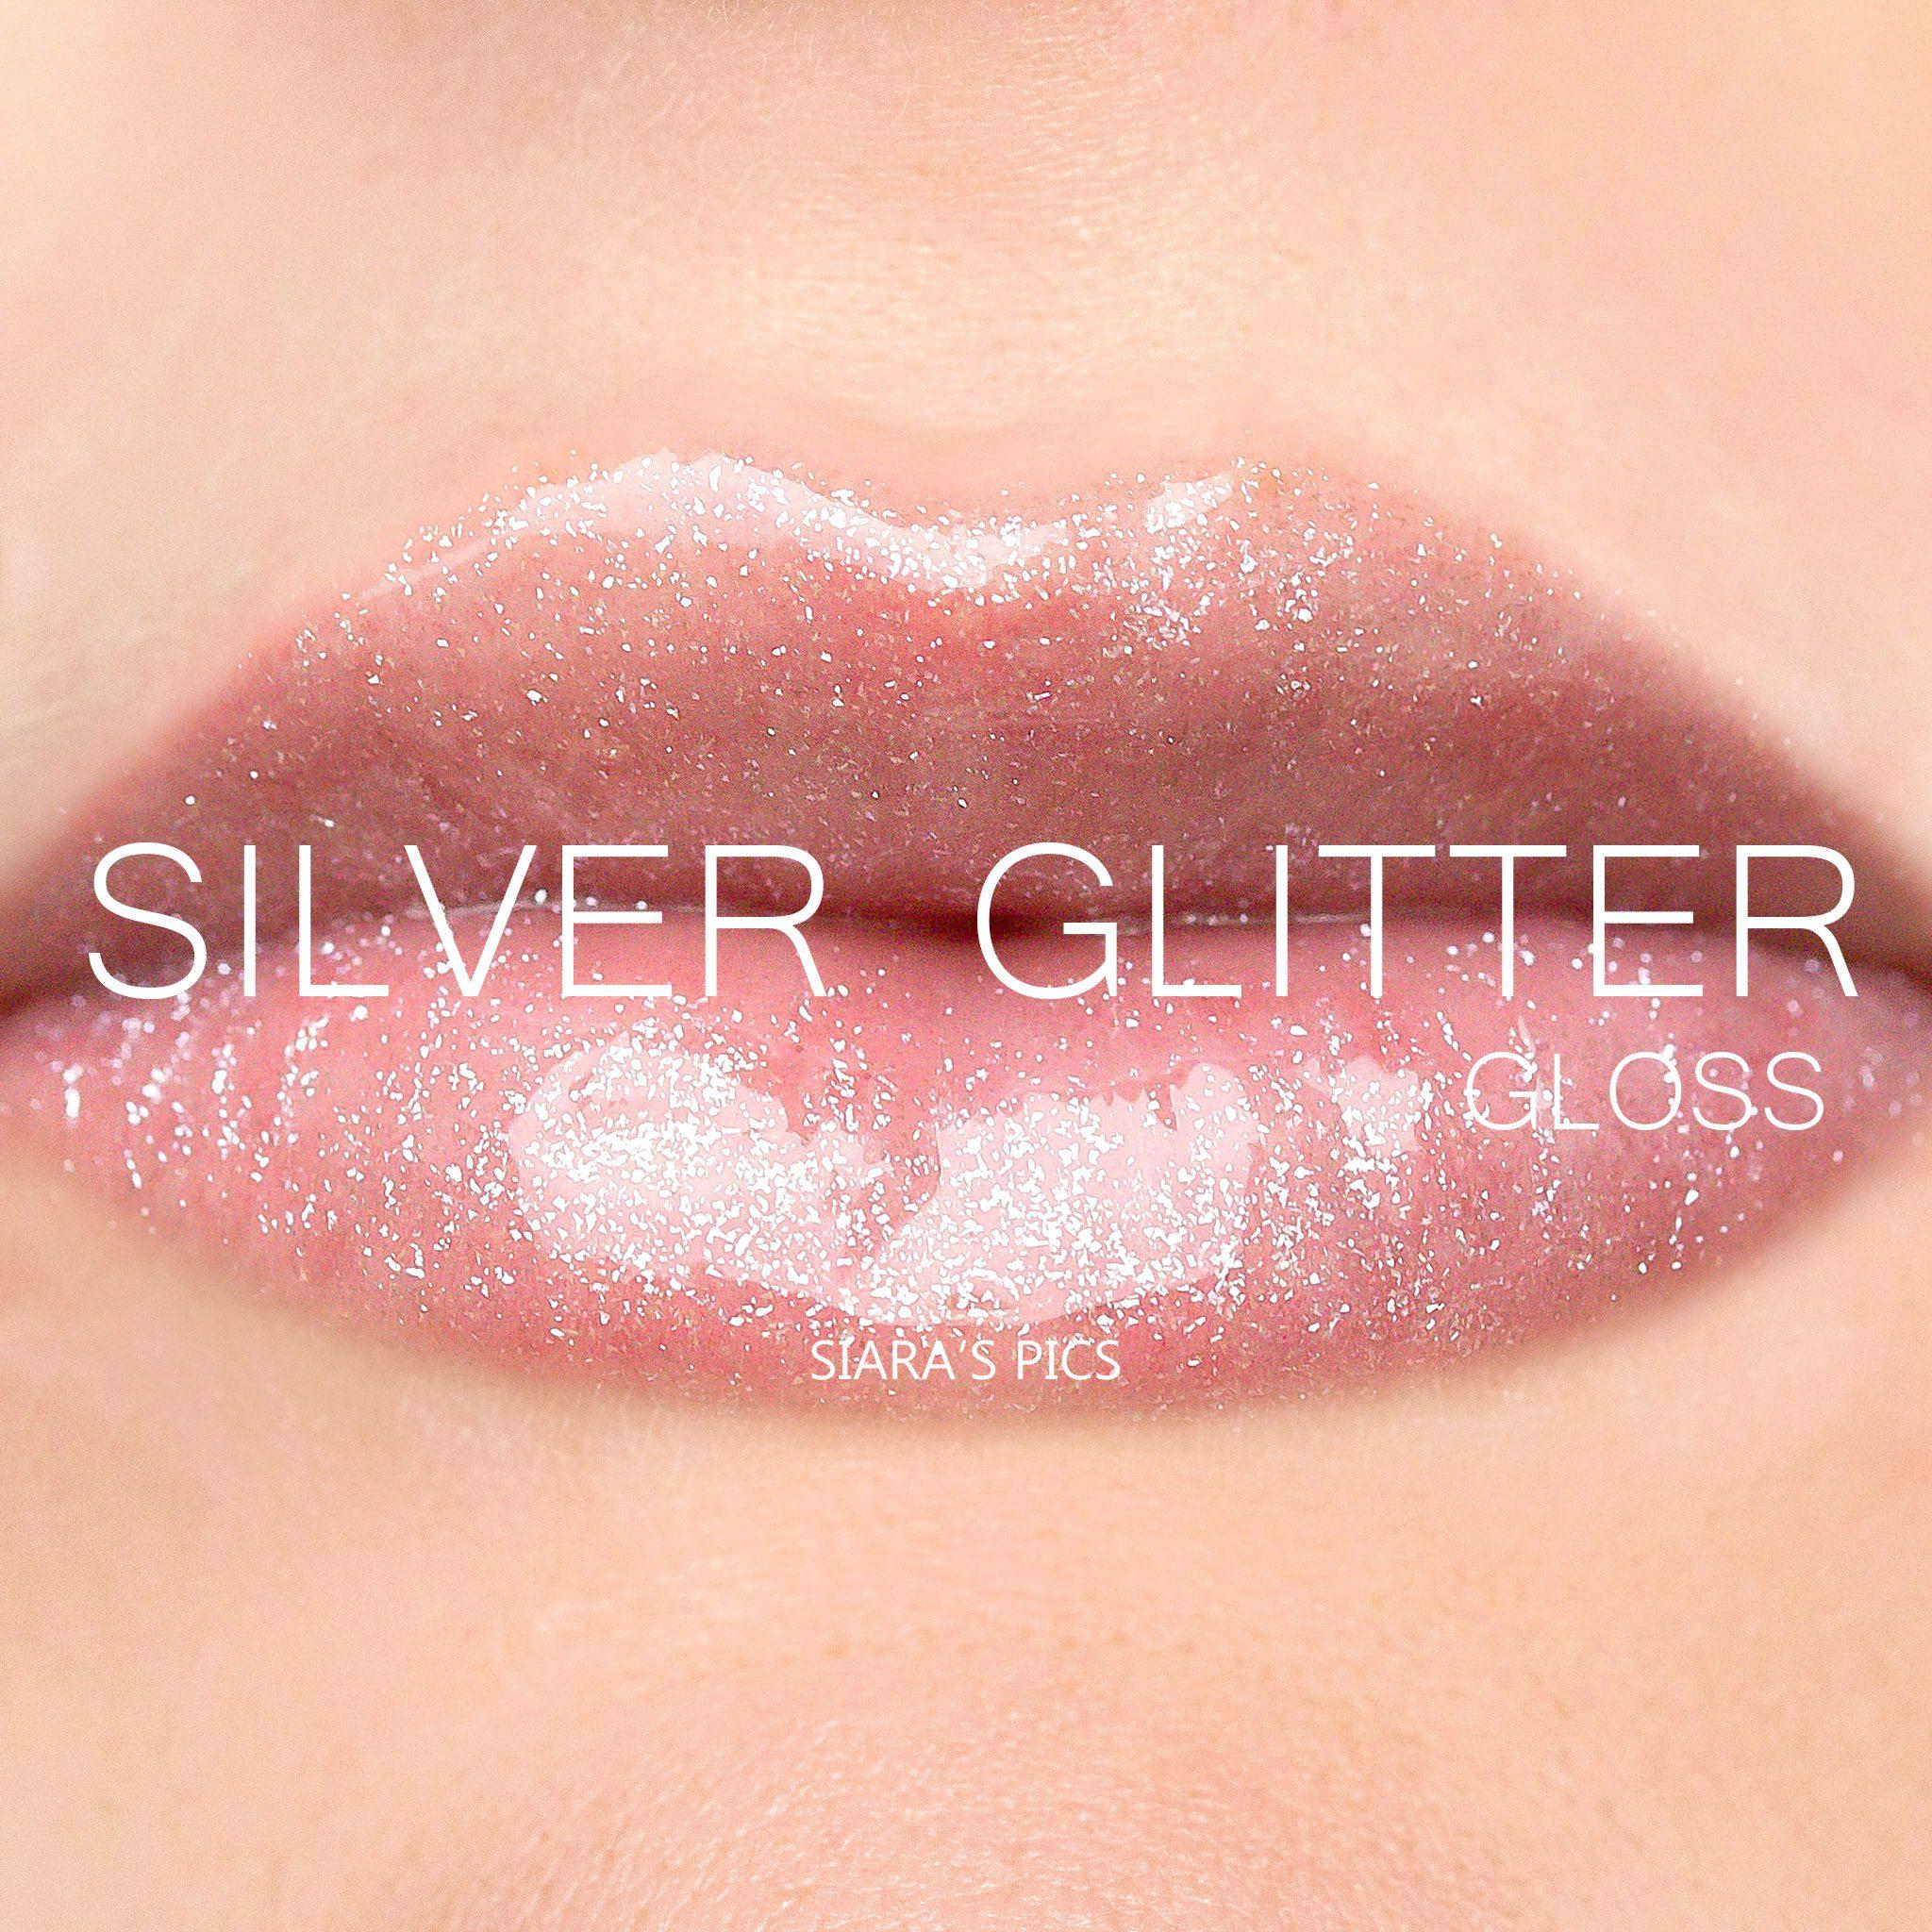 Silver Glitter Gloss.jpg